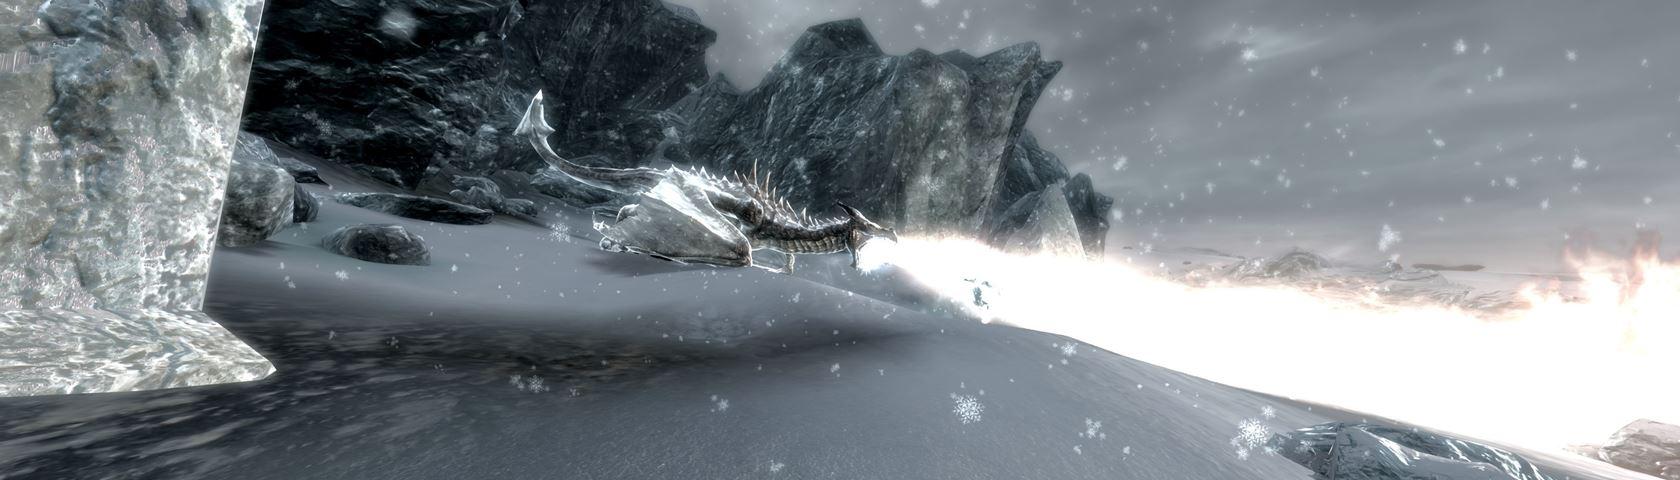 Skyrim Dragon